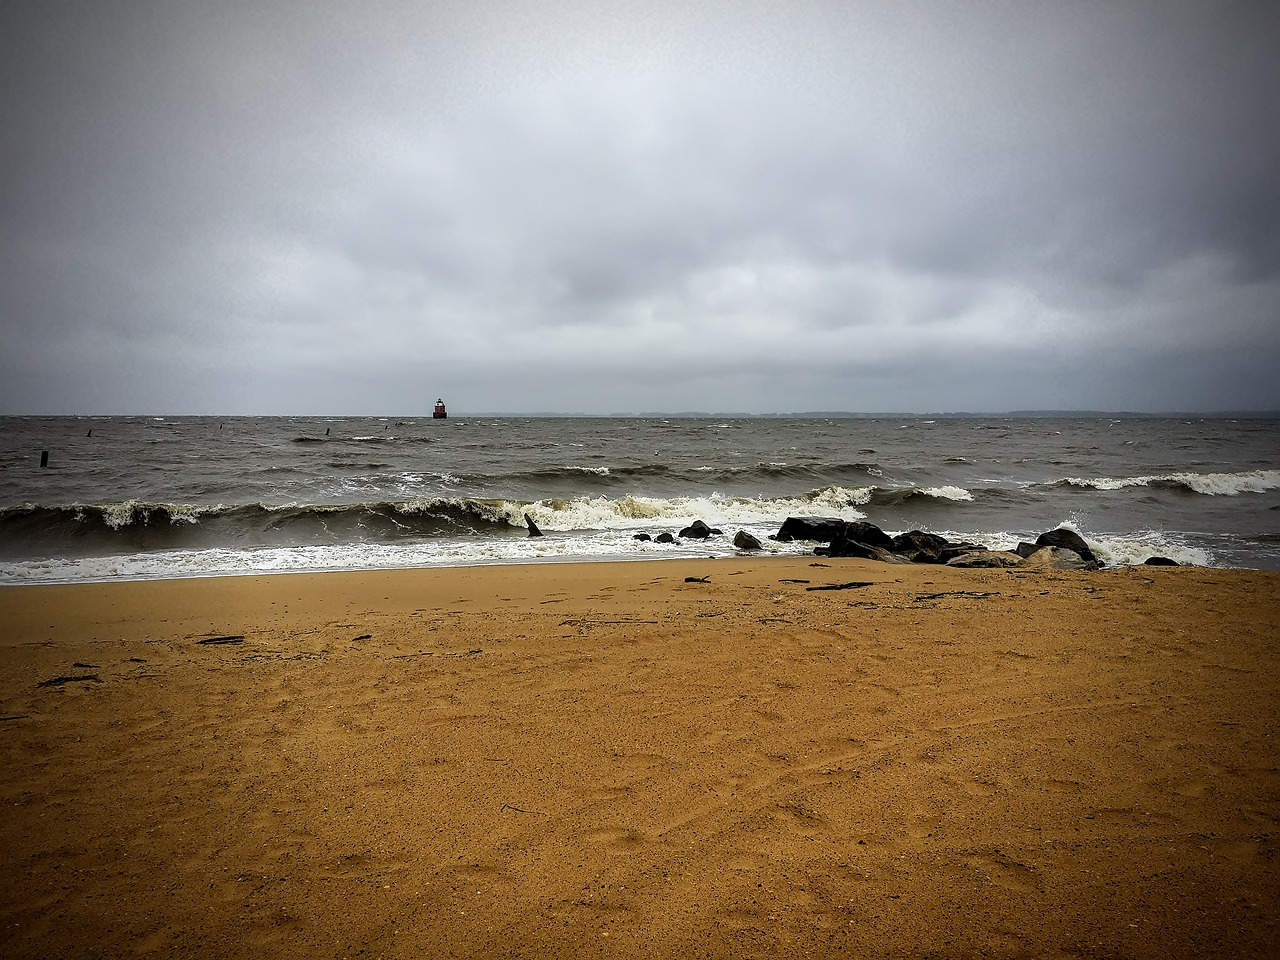 beach-461273_1280